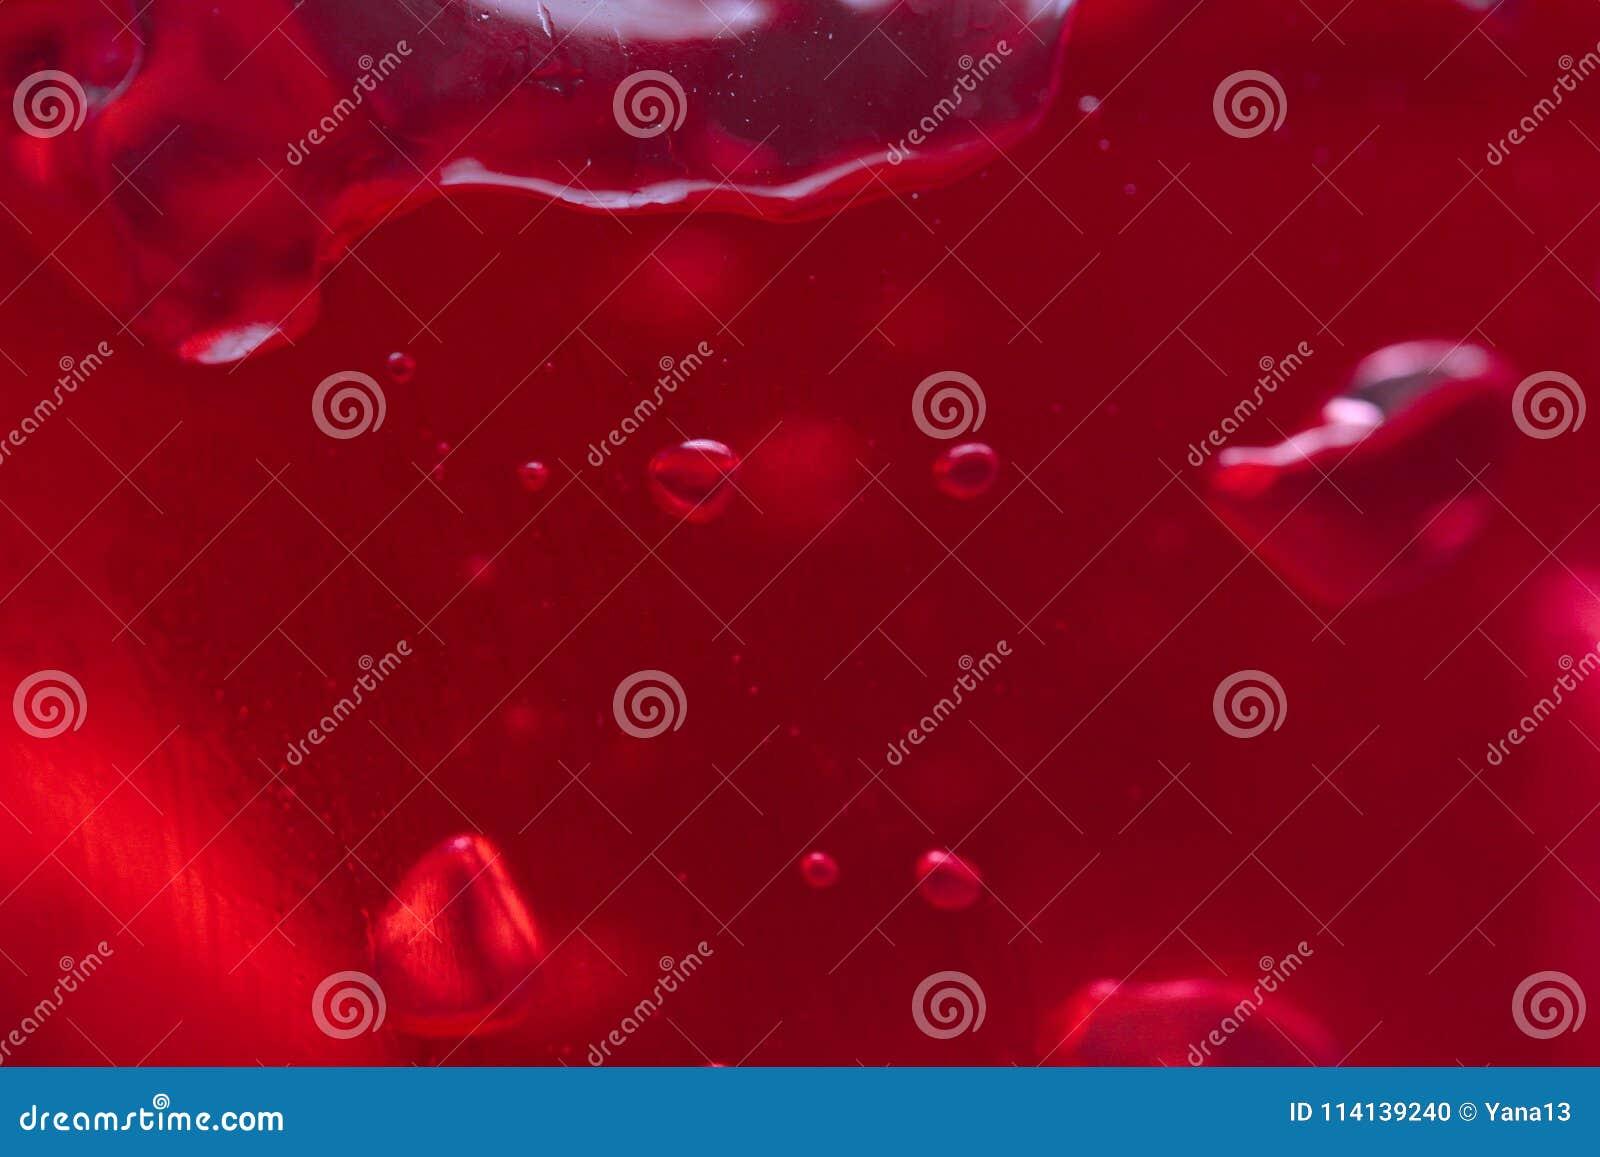 Bulles d air dans une gelée rouge le fond de la gelée